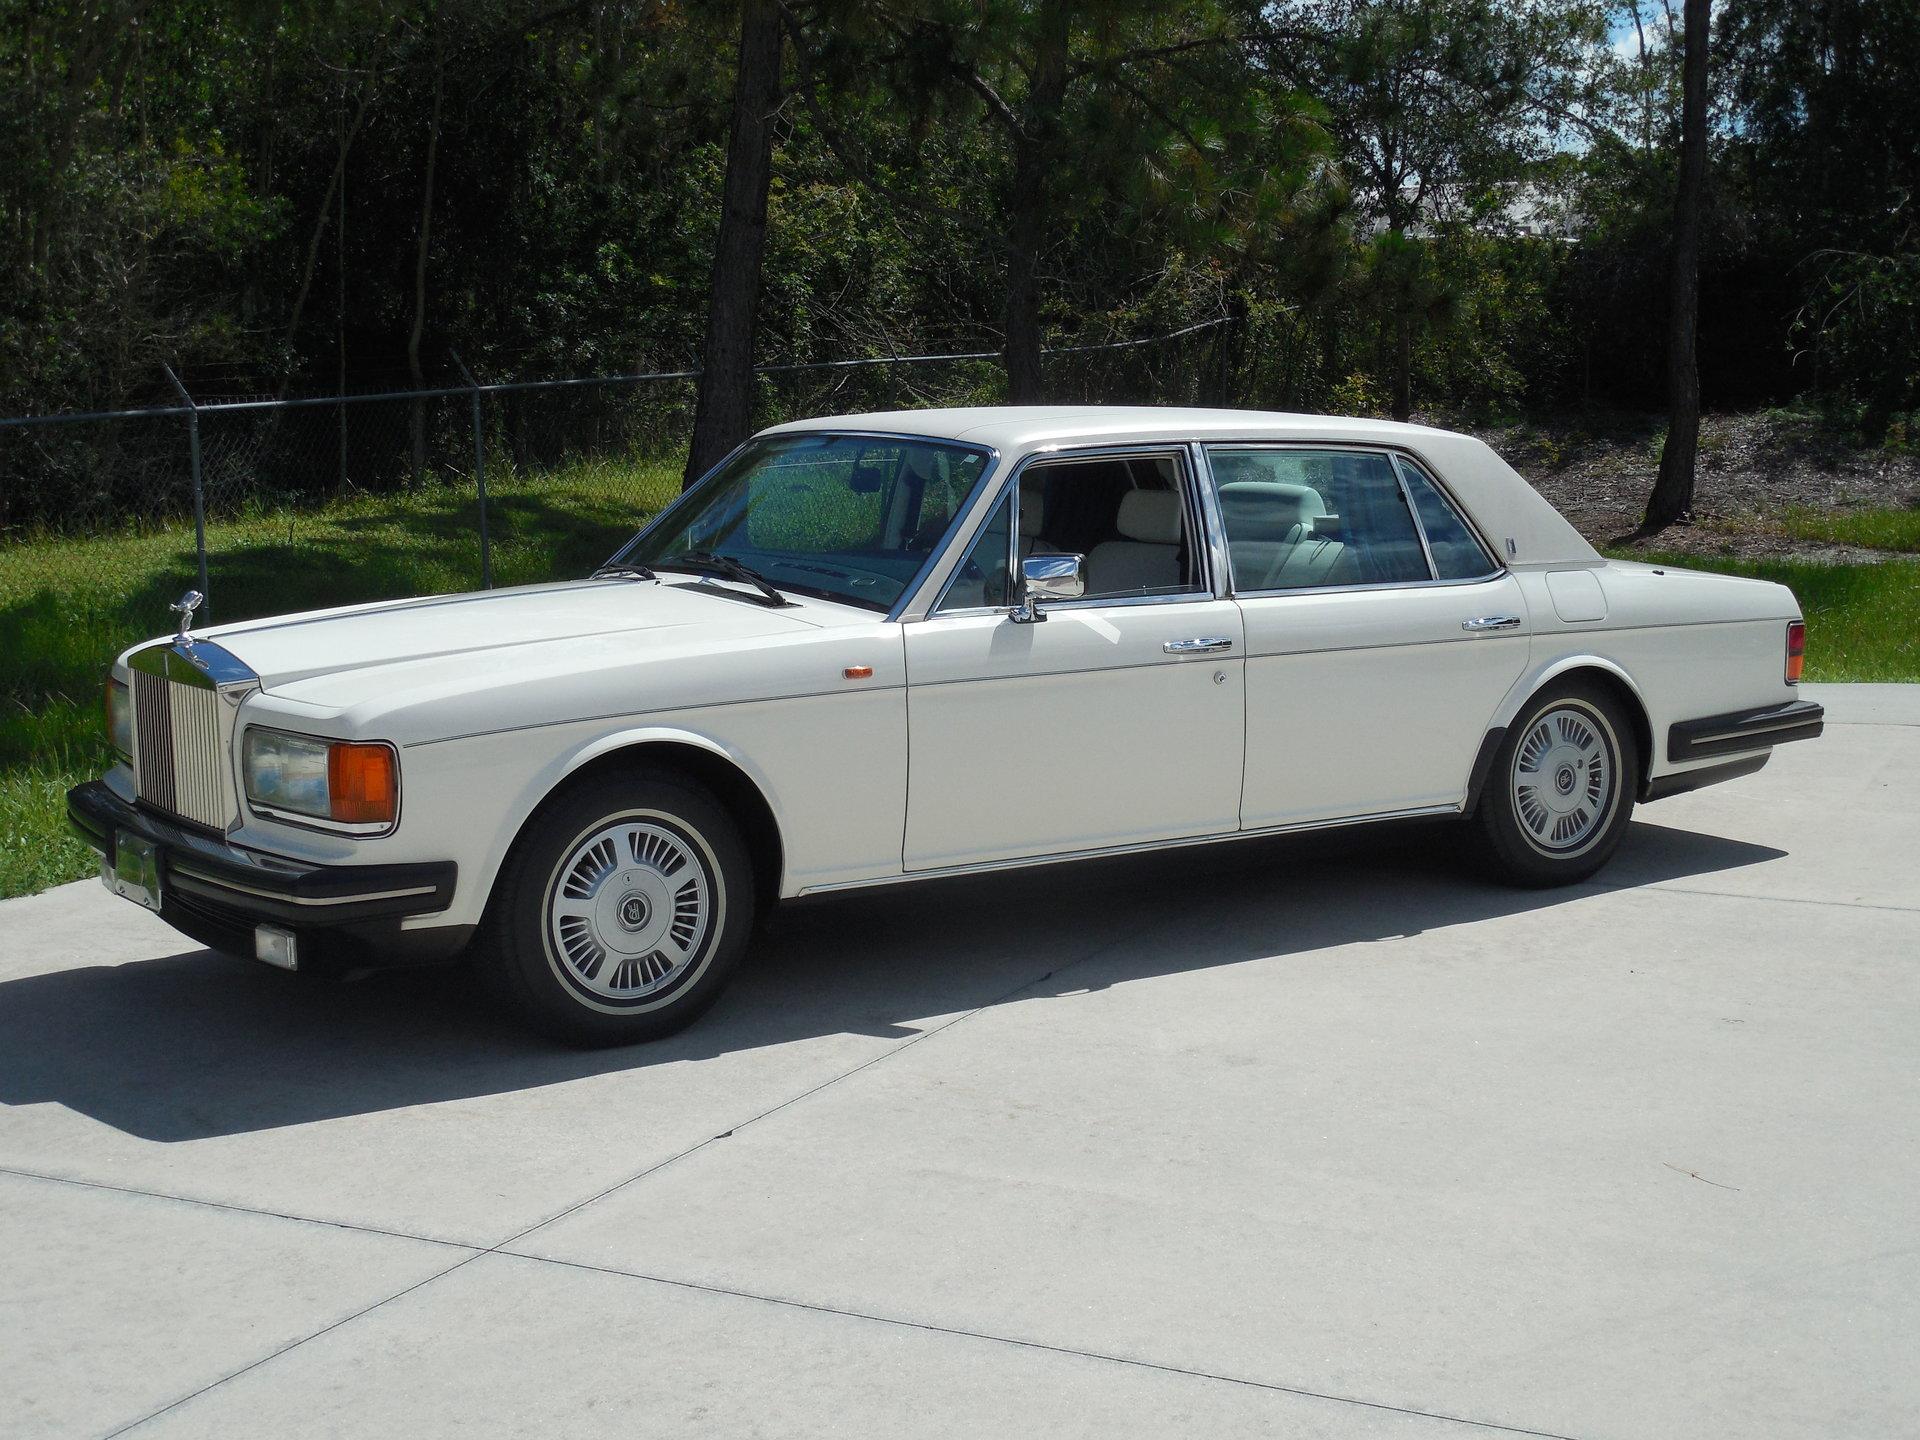 7705b045f28e hd 1991 rolls royce silver spur ii saloon